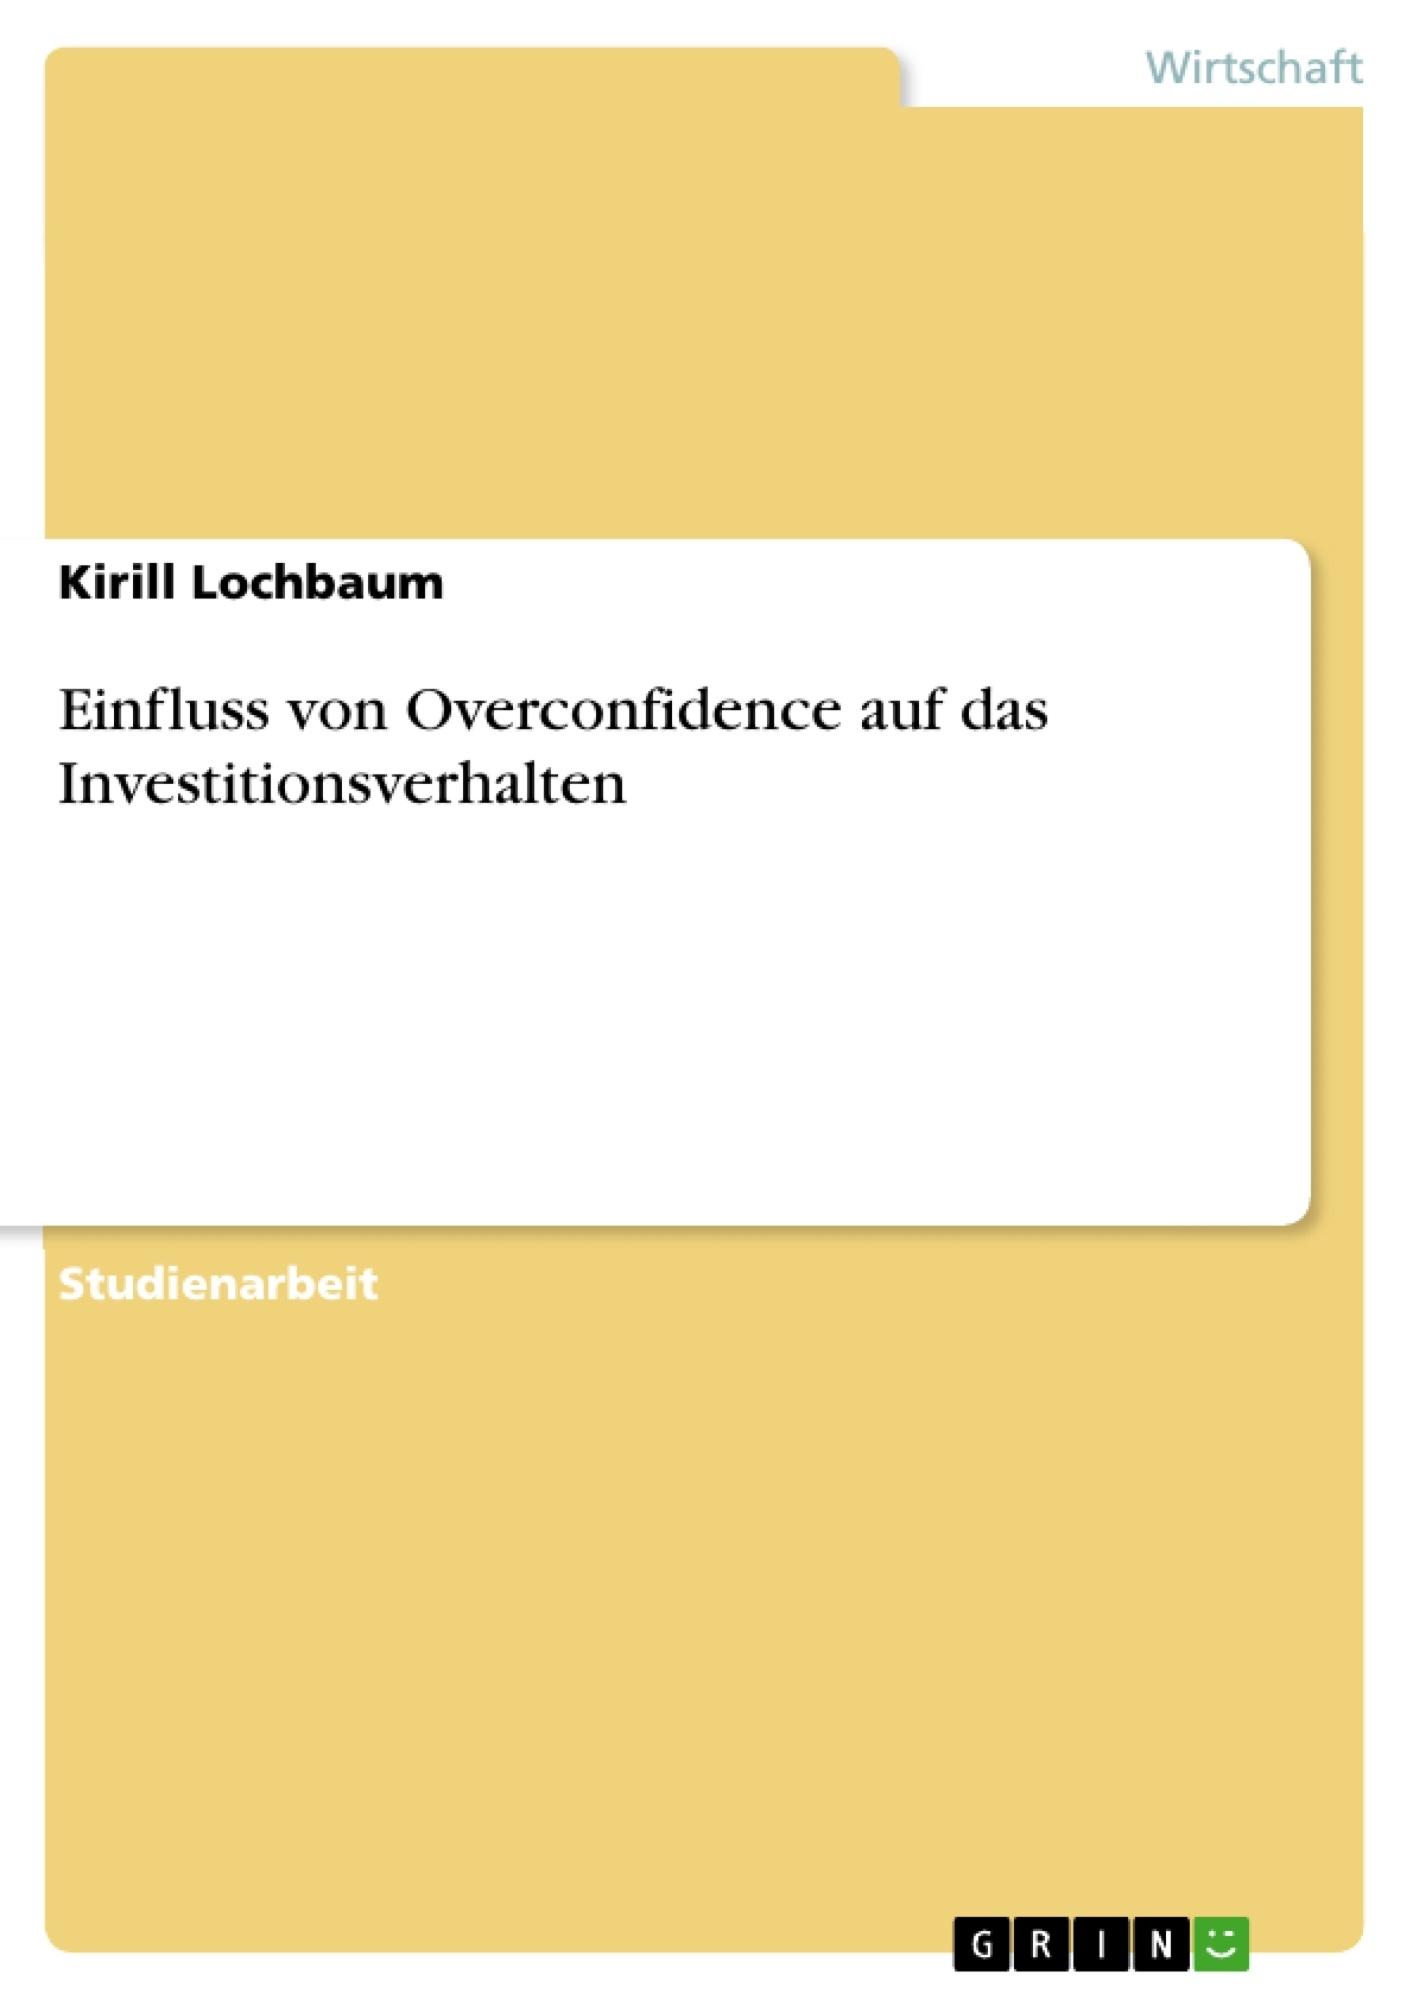 Titel: Einfluss von Overconfidence auf das Investitionsverhalten